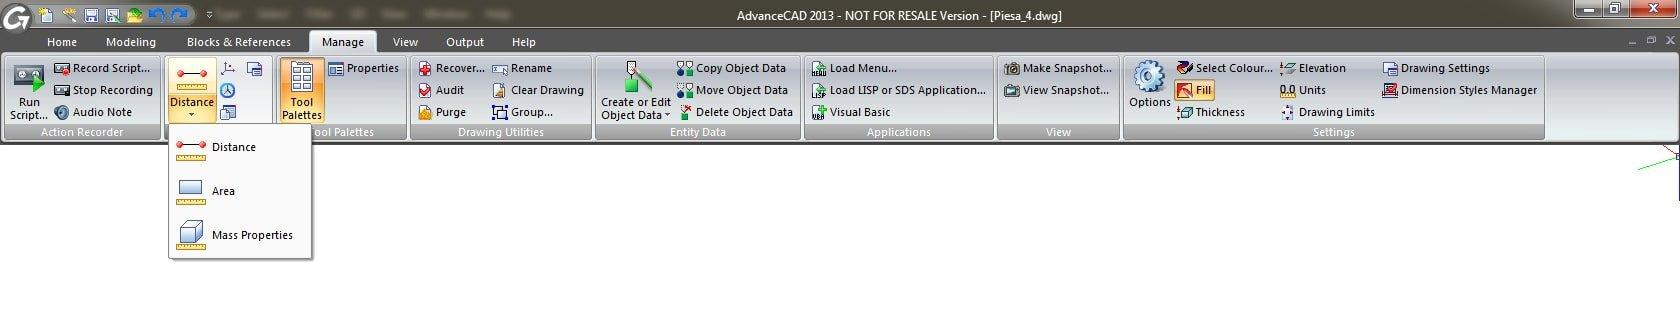 GRAITEC Advance CAD | Einfache und intuitive Benutzeroberfläche